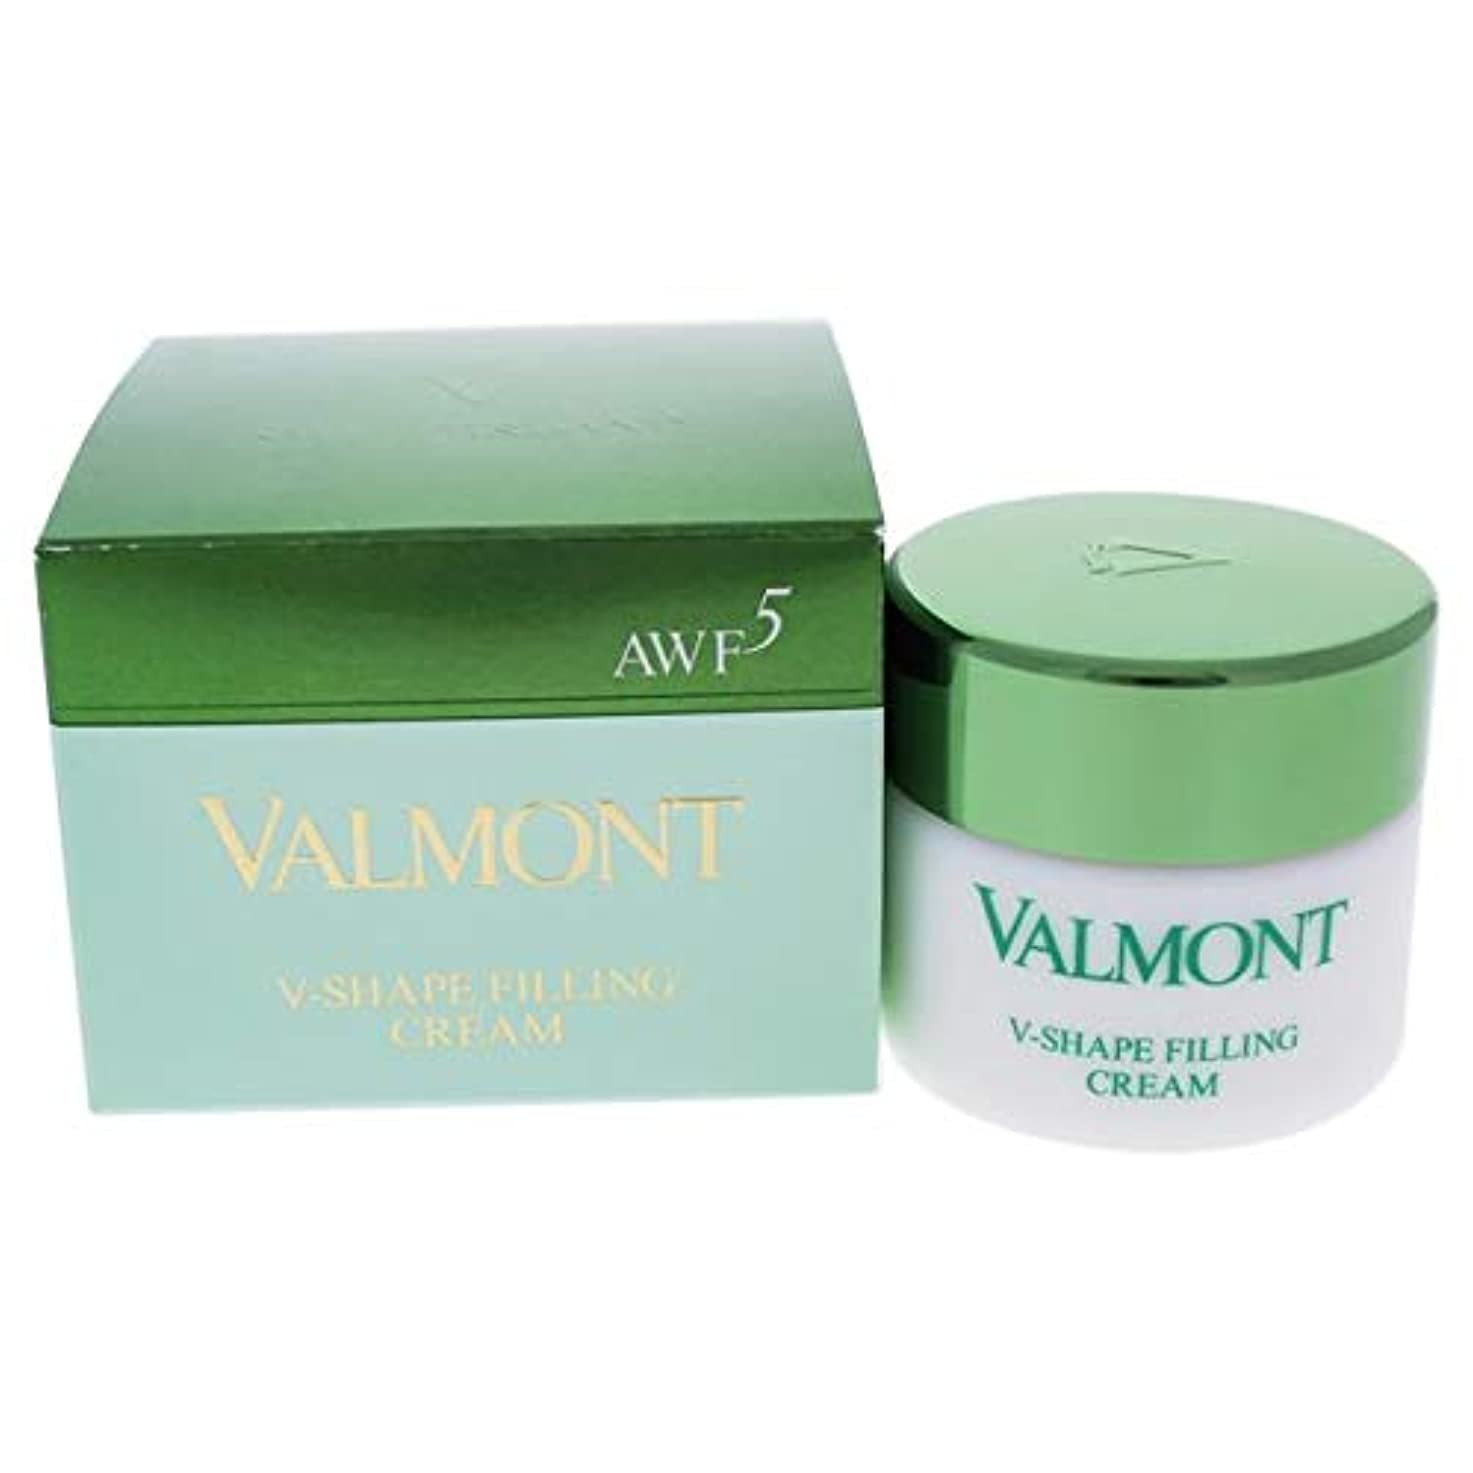 男らしさわずかな映画ヴァルモン AWF5 V-Shape Filling Cream 50ml/1.7oz並行輸入品